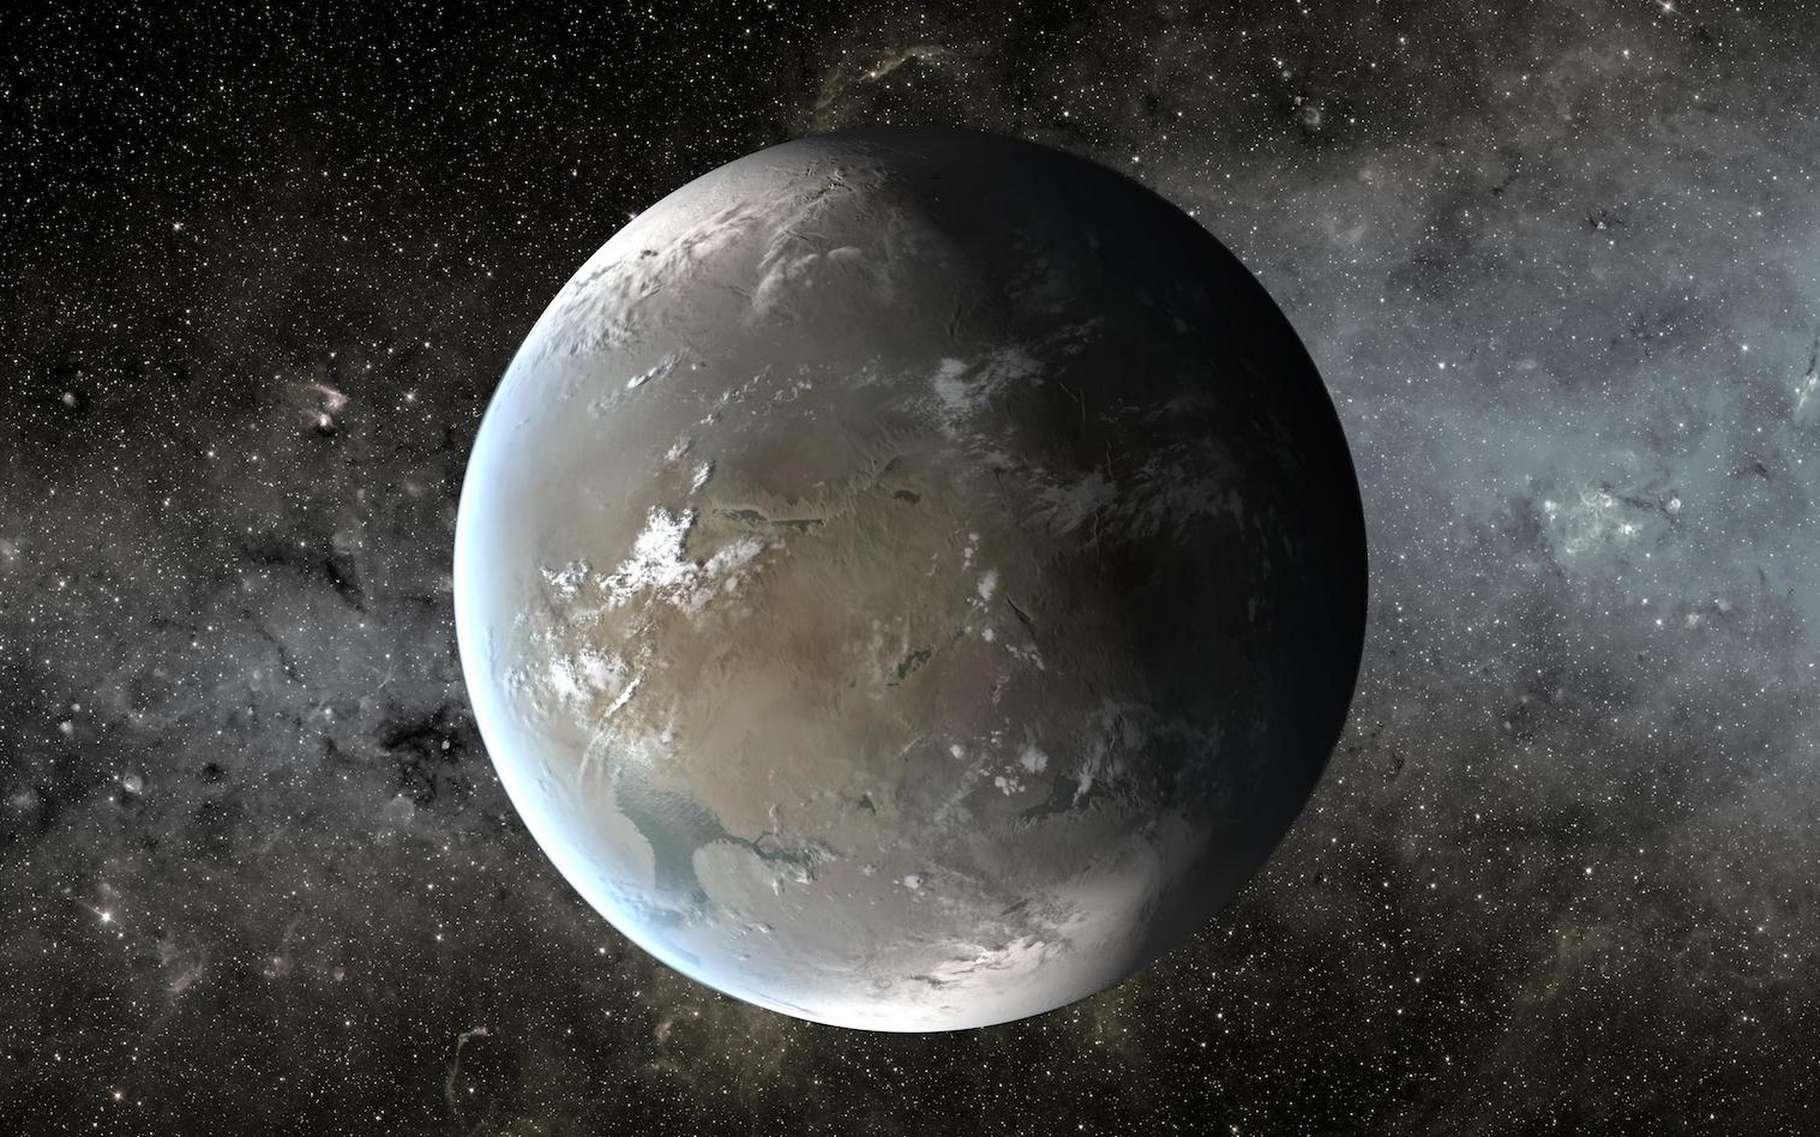 Vue d'artiste d'une exoplanète similaire à la Terre. © Nasa/Ames/JPL-Caltech